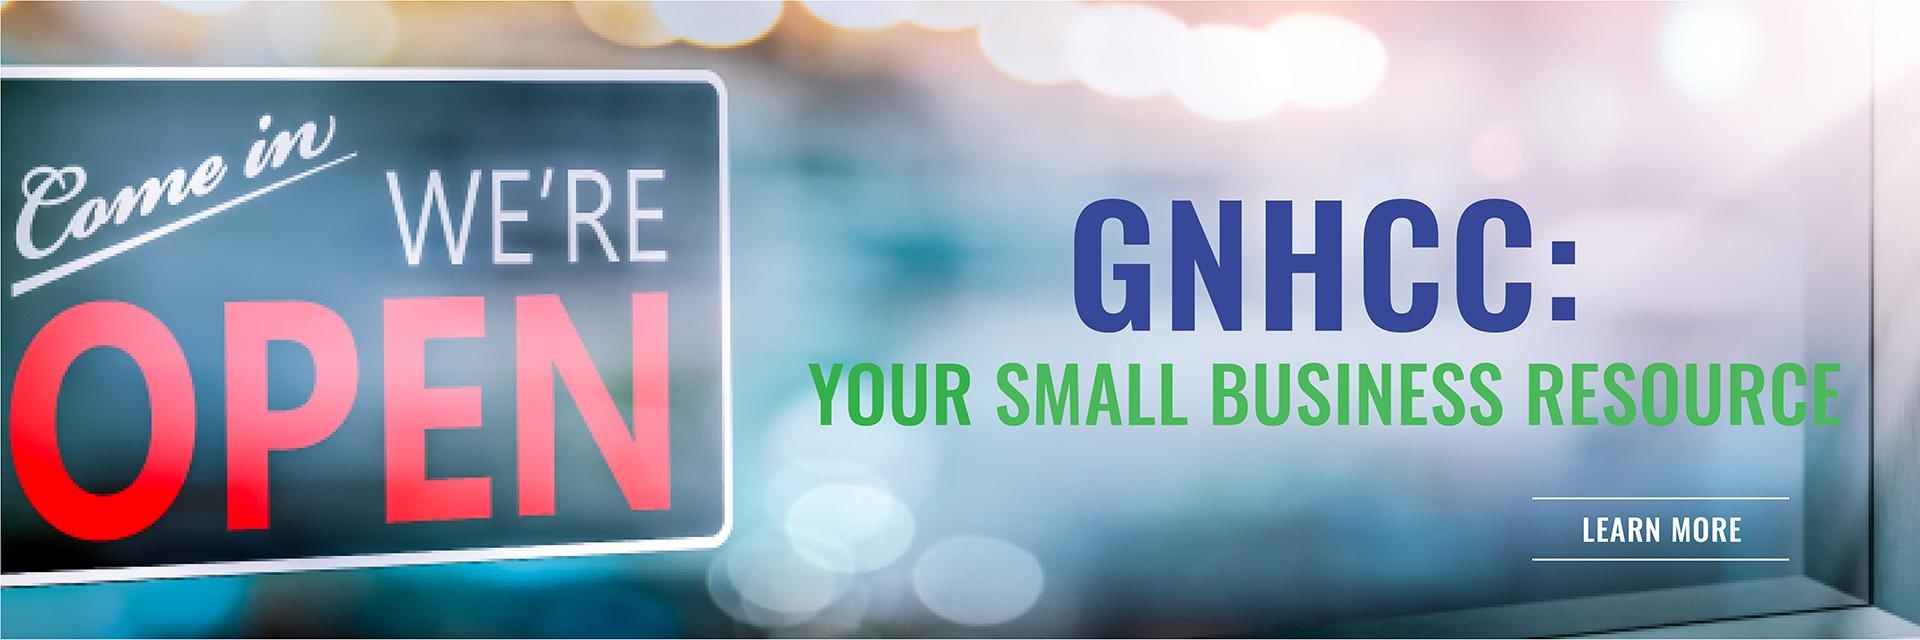 GNHCC_HomePageSliders_Small-Bus-Resource.jpg